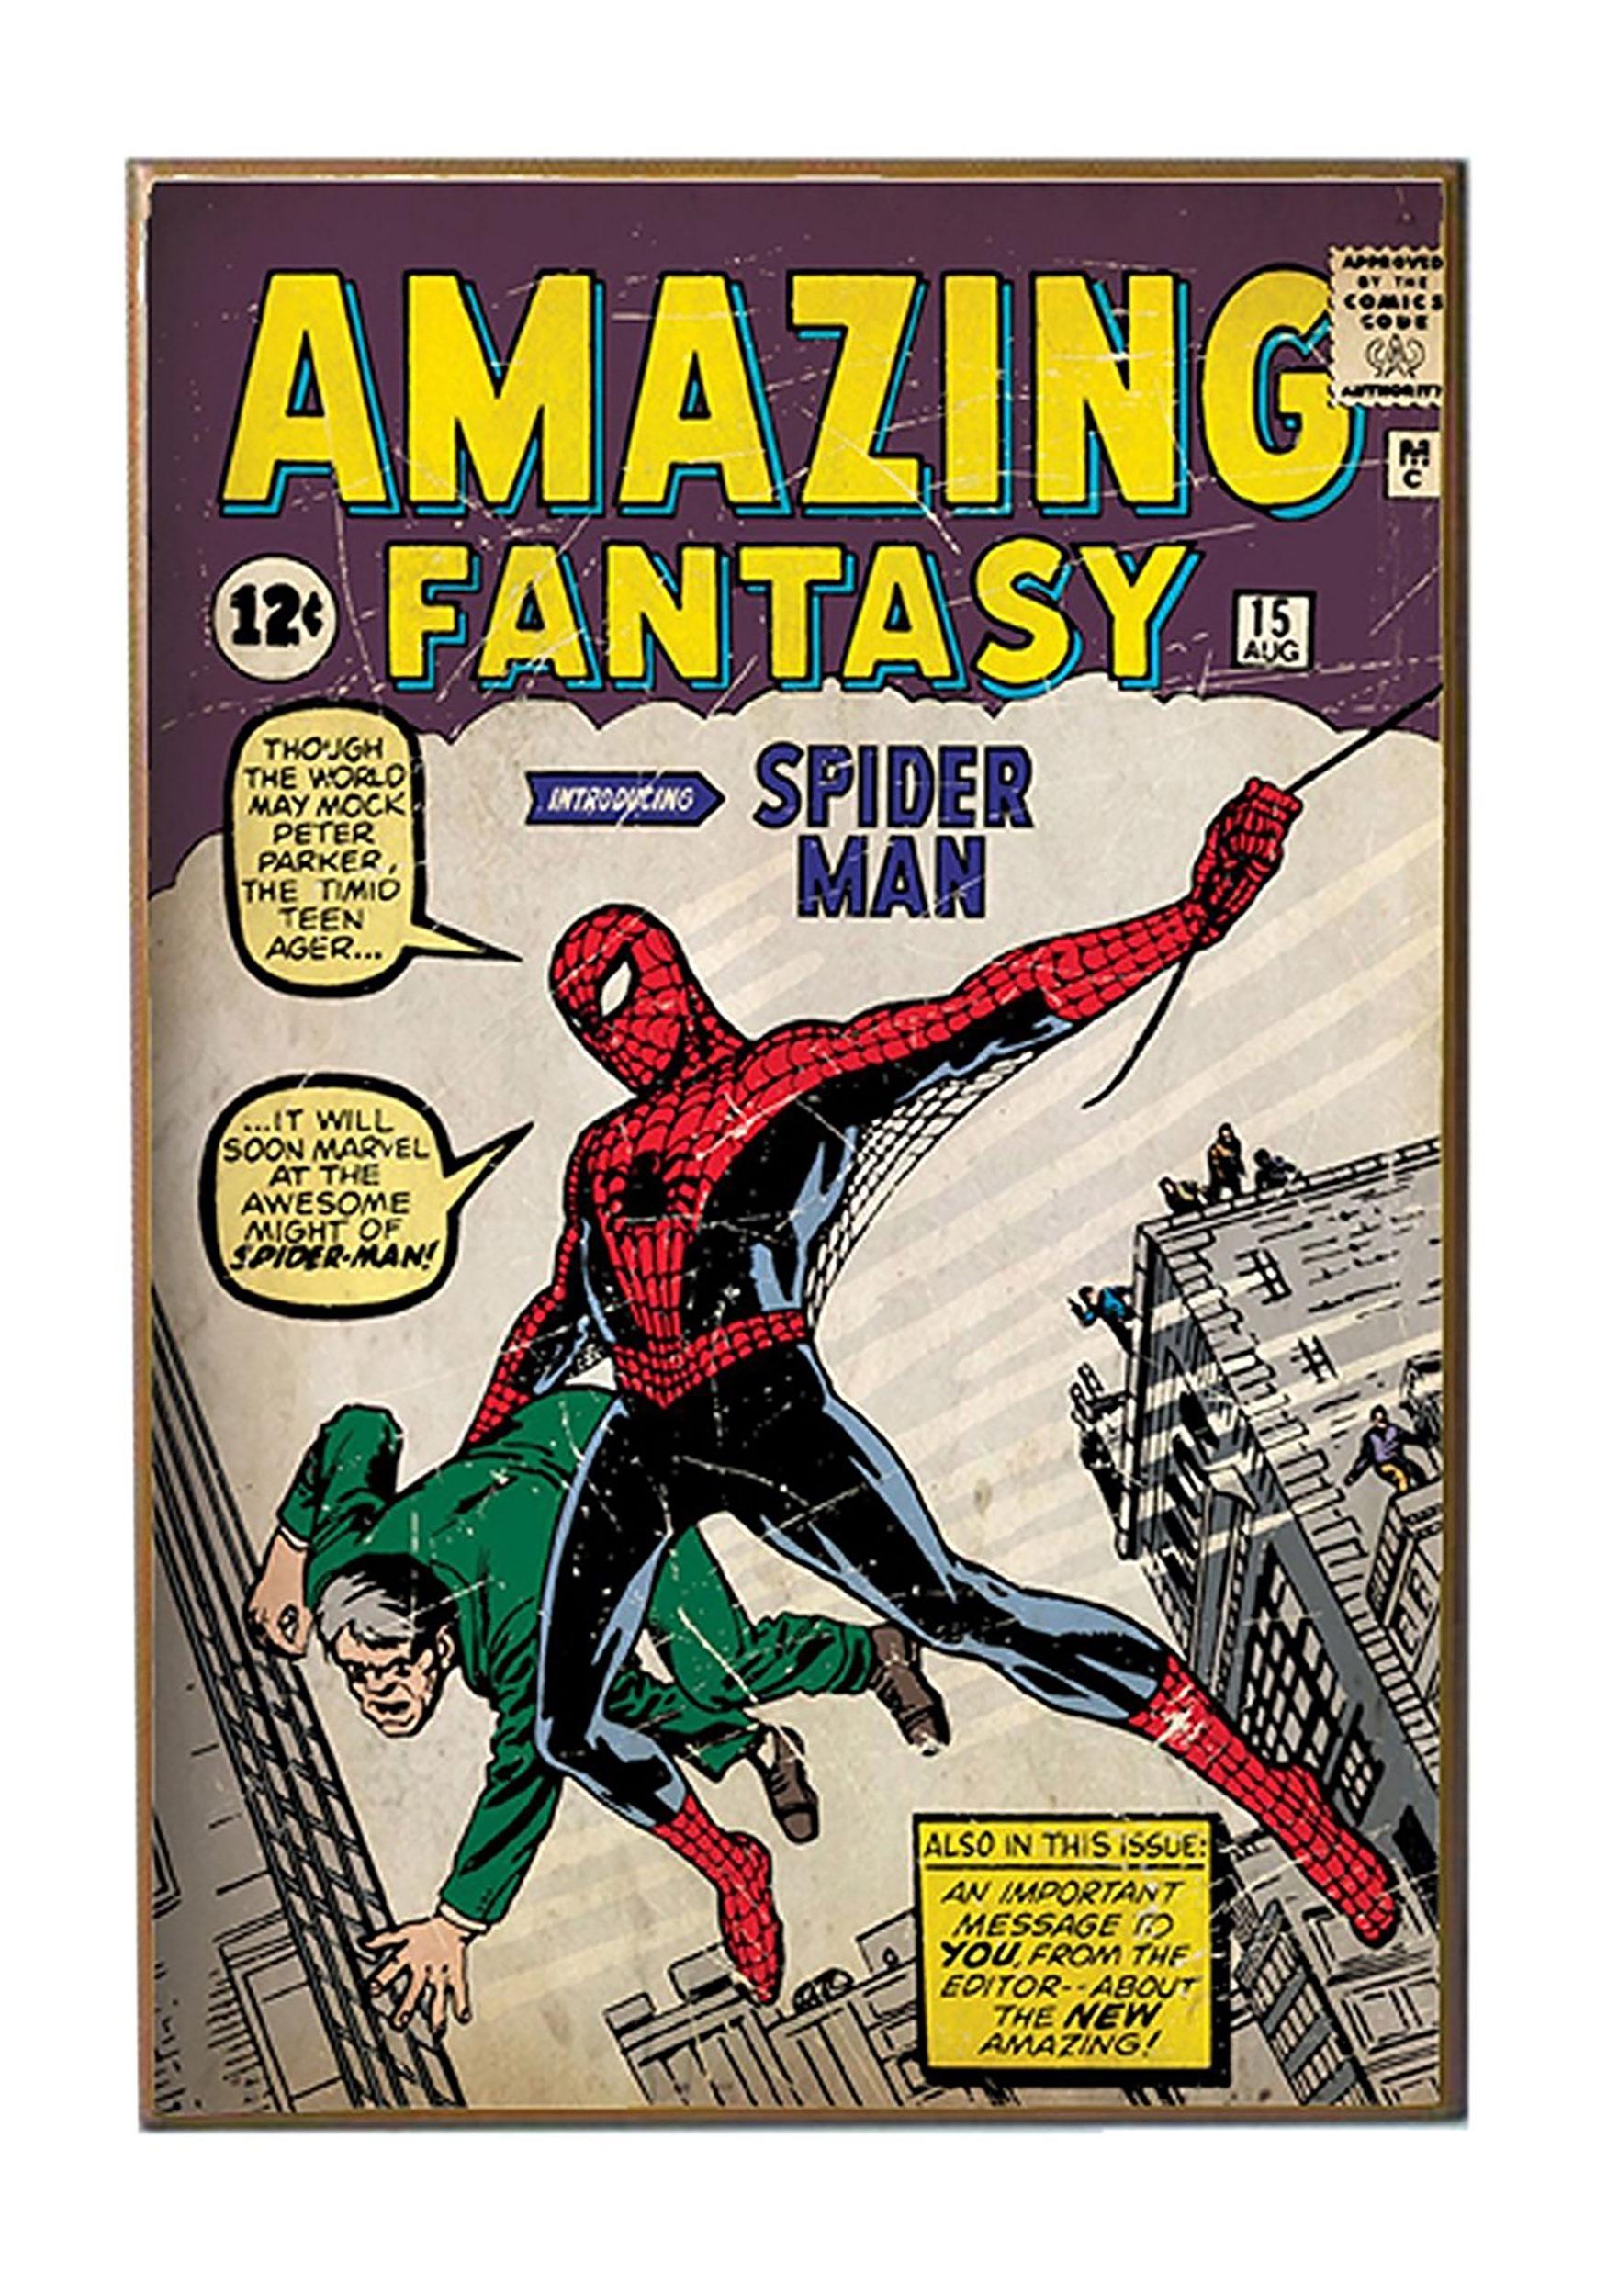 Wood Spiderman Amazing Fantasy 13 Quot X 19 Quot Wall D 233 Cor